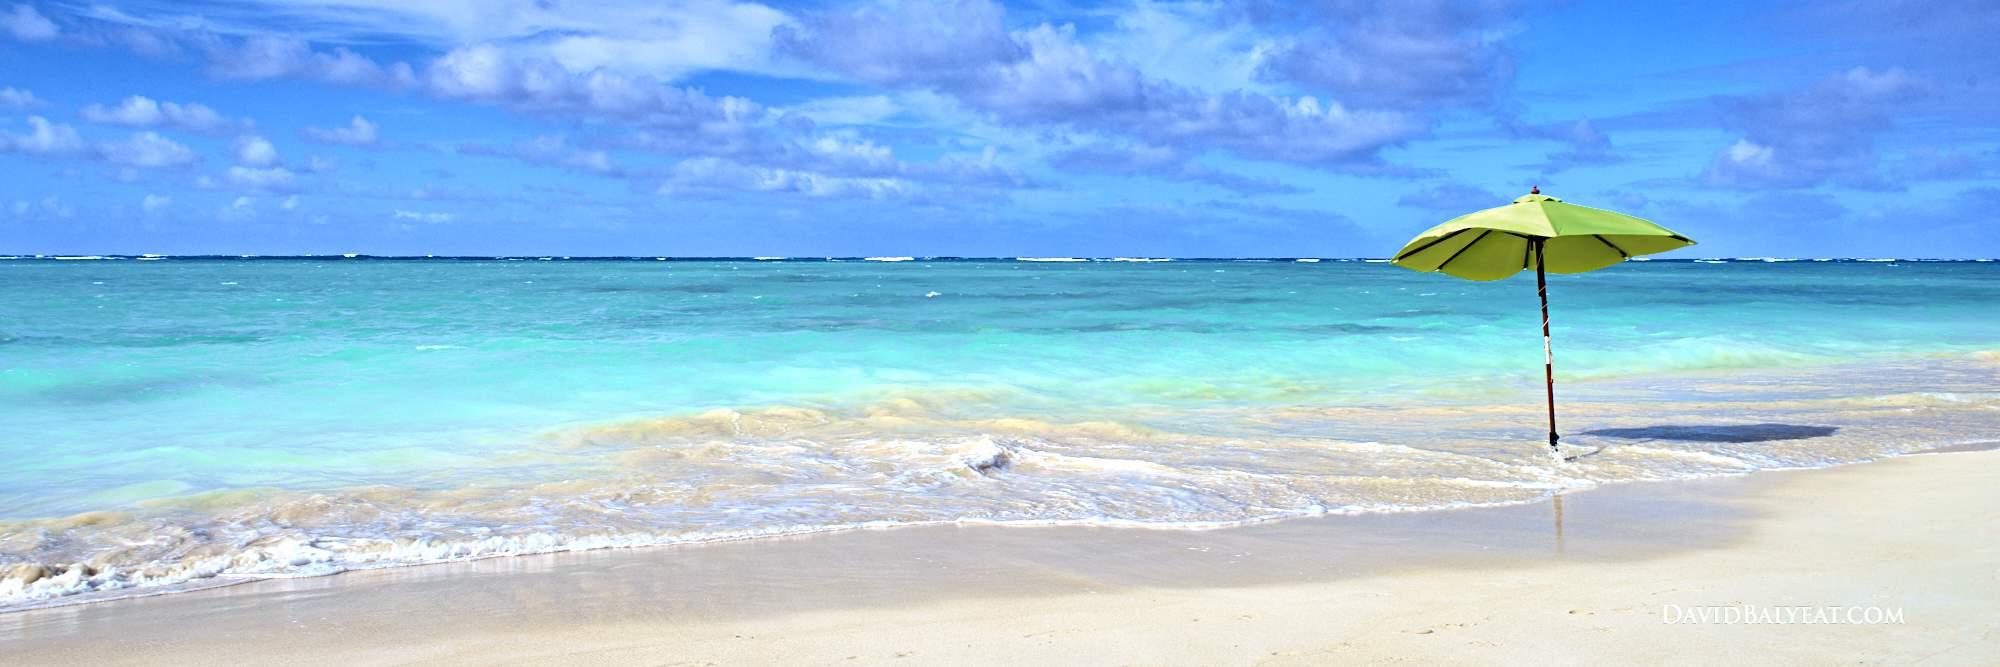 Panoramic Beach Photo The Best Beaches In World